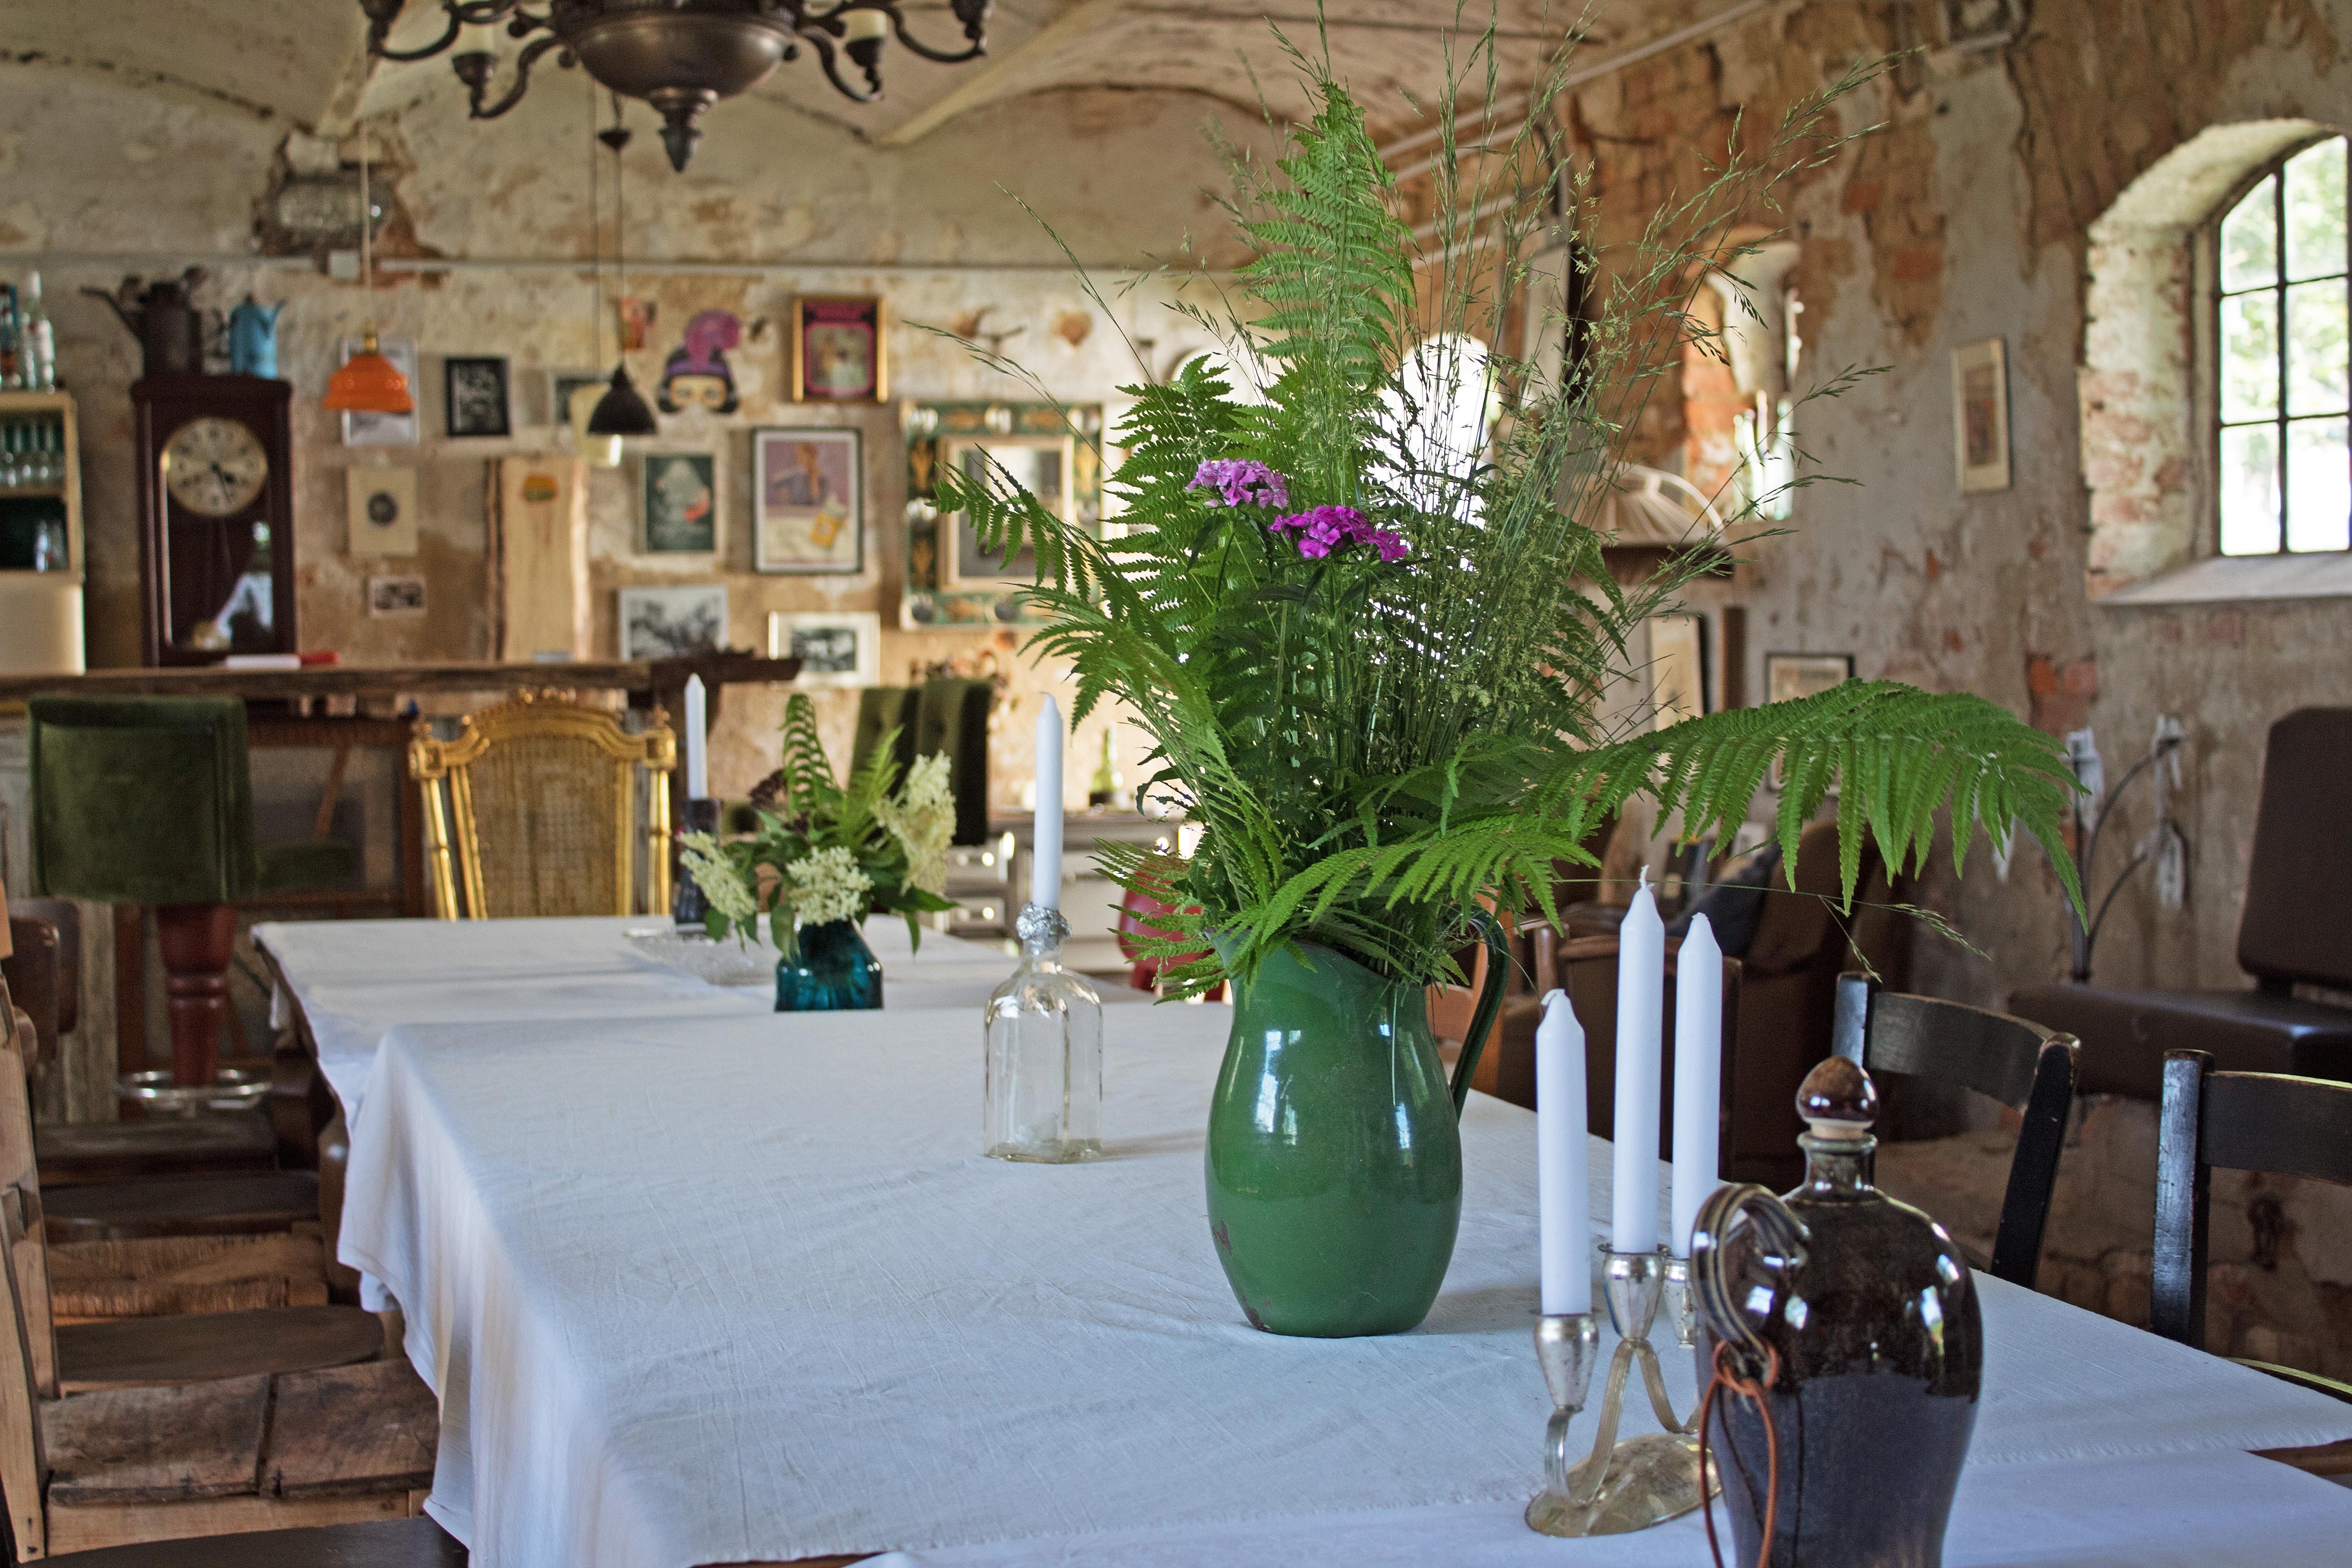 Hochzeit location potsdam mittelmark